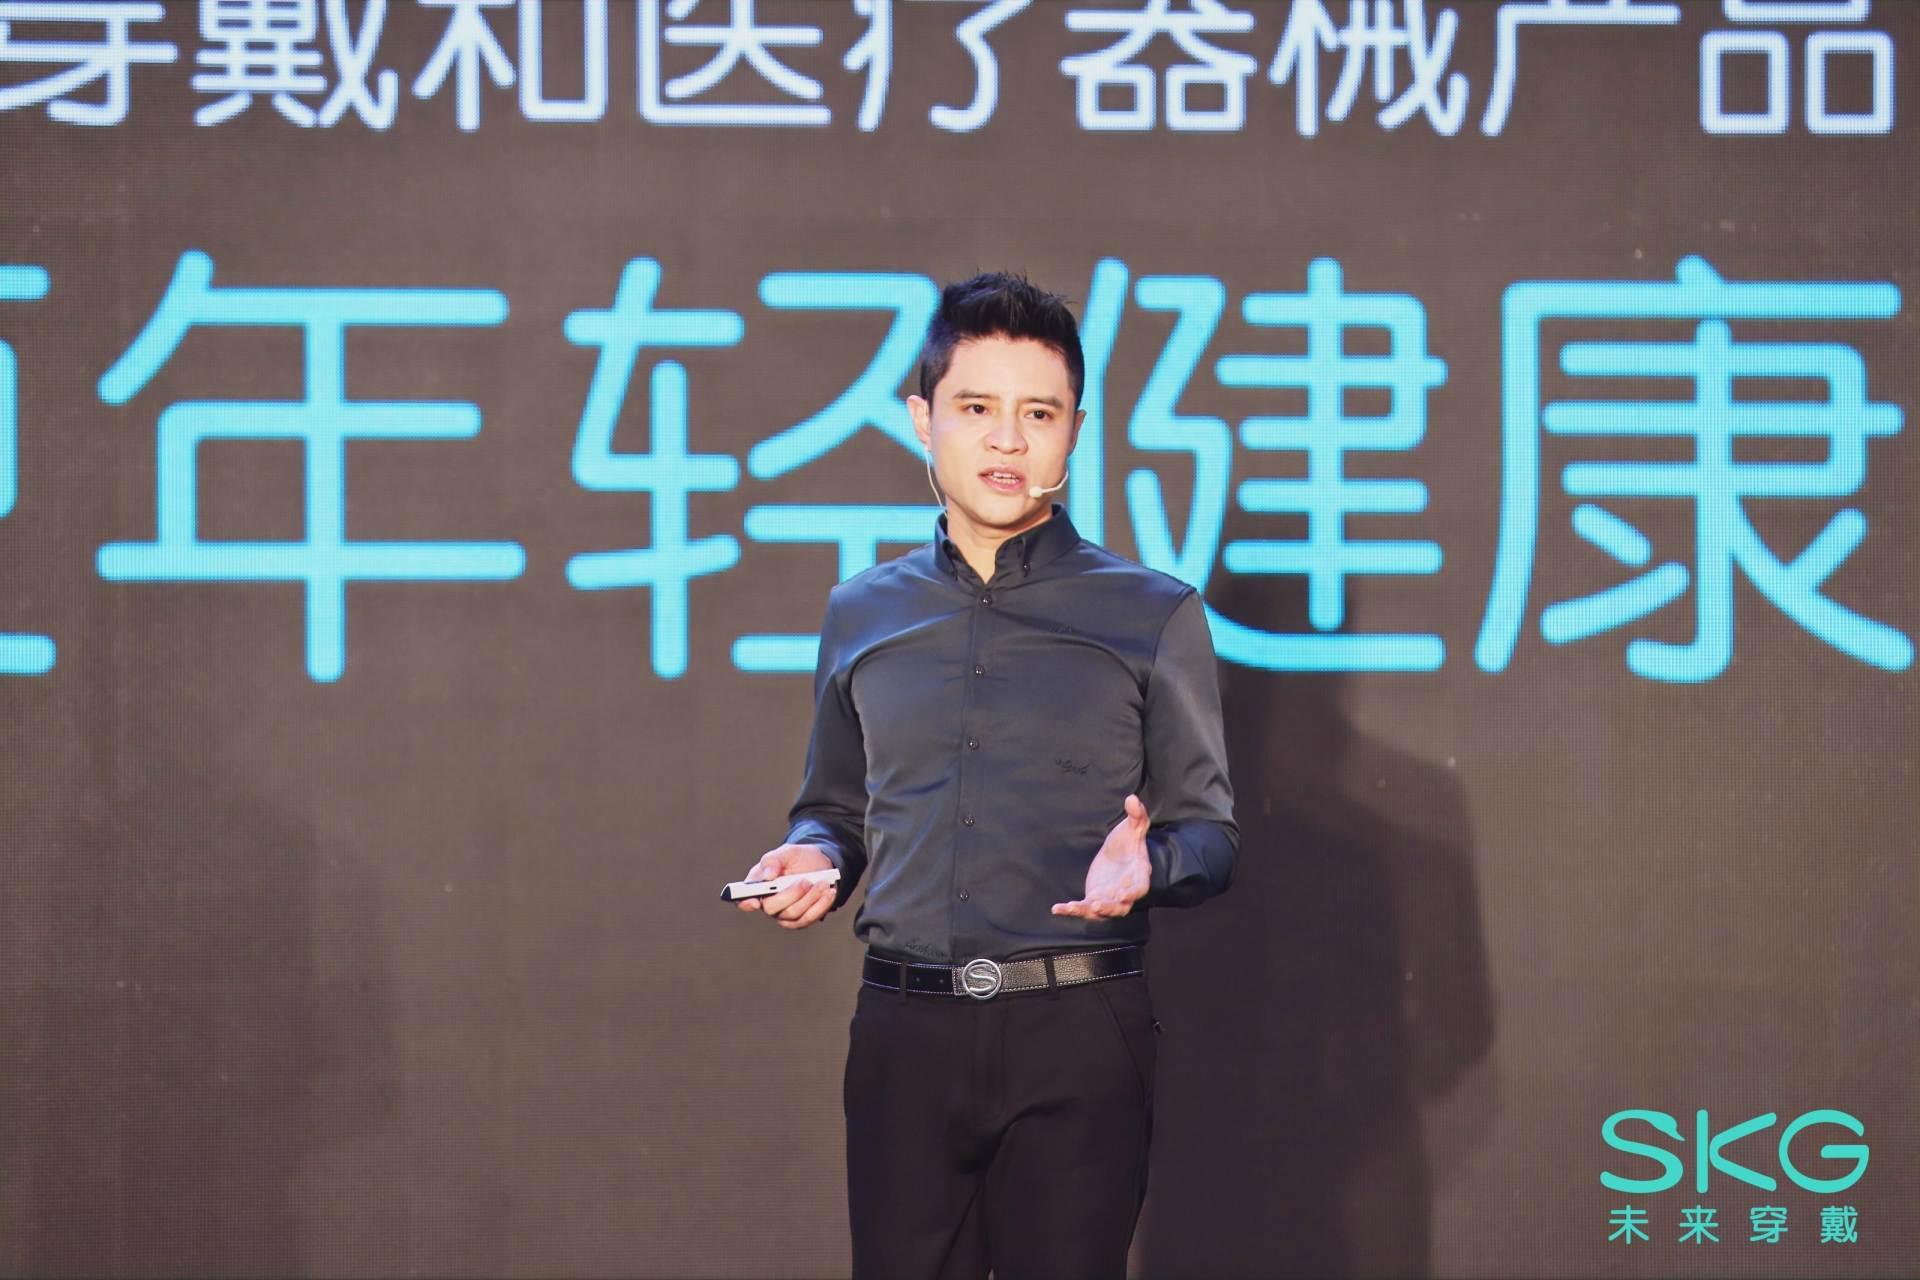 SKG品牌战略升级发布未来穿戴新品